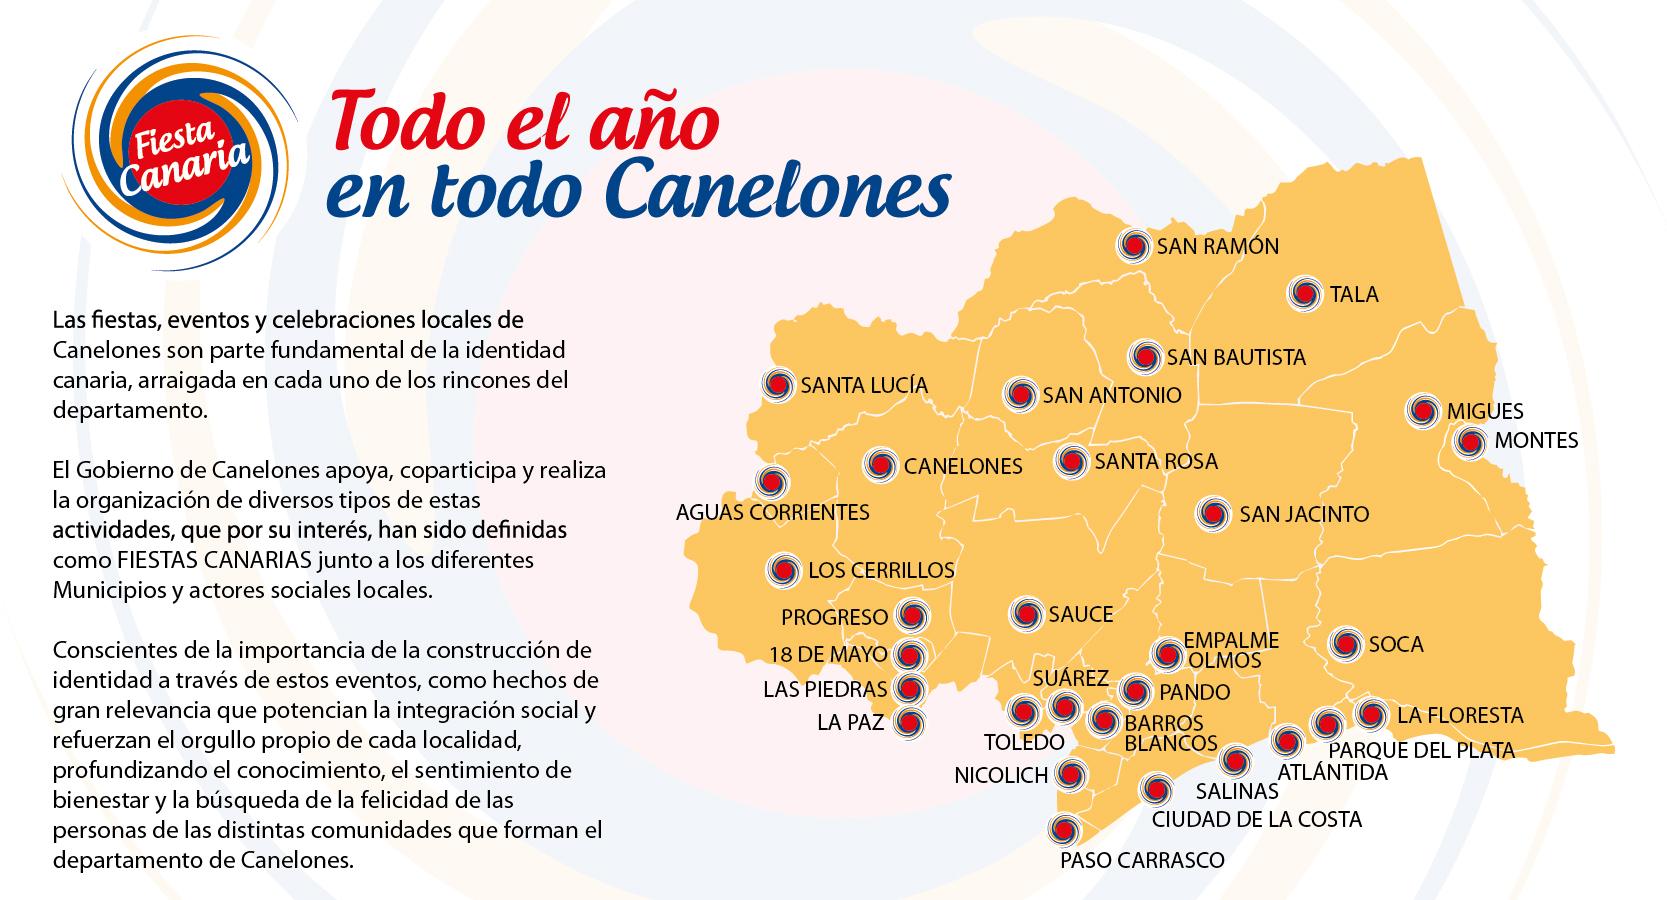 Fiesta Canaria, todo el año en todo Canelones